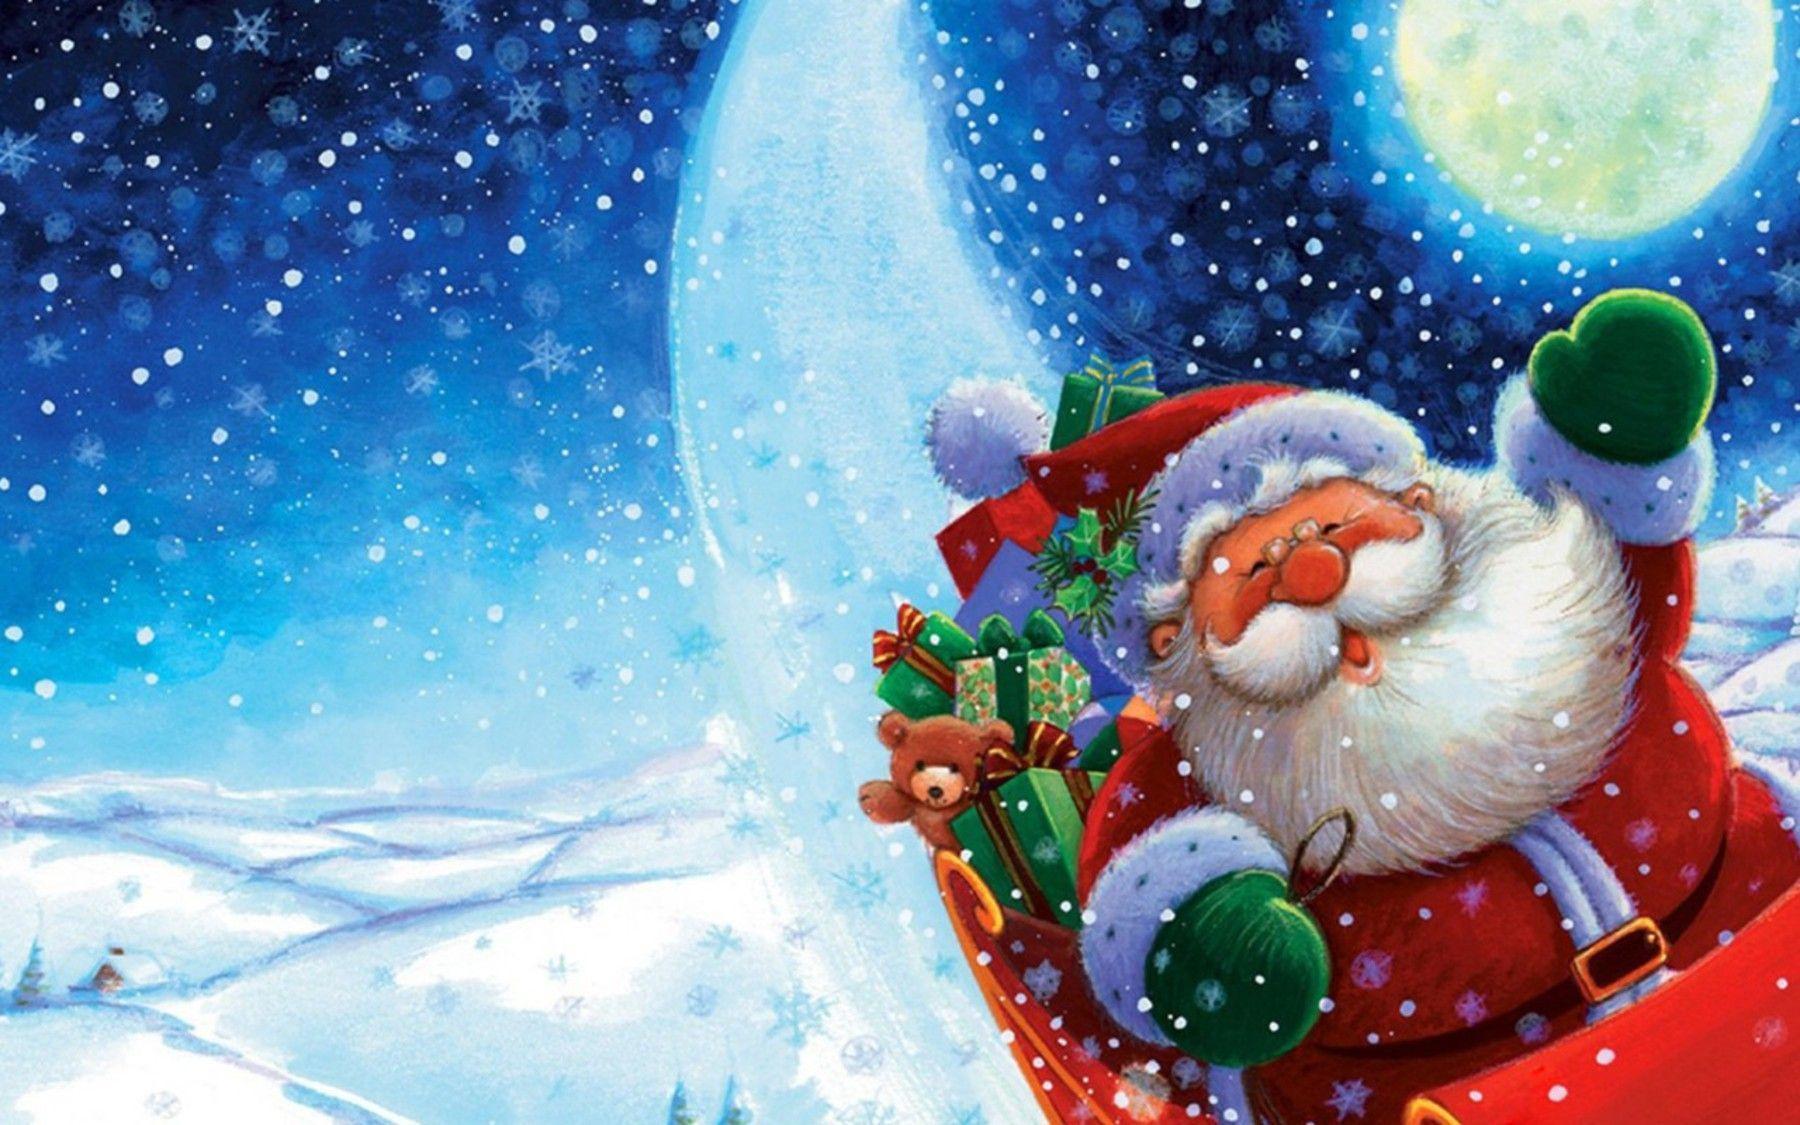 Best Santa Wallpaper Decorations – Fantastic Wallpaper For Computer